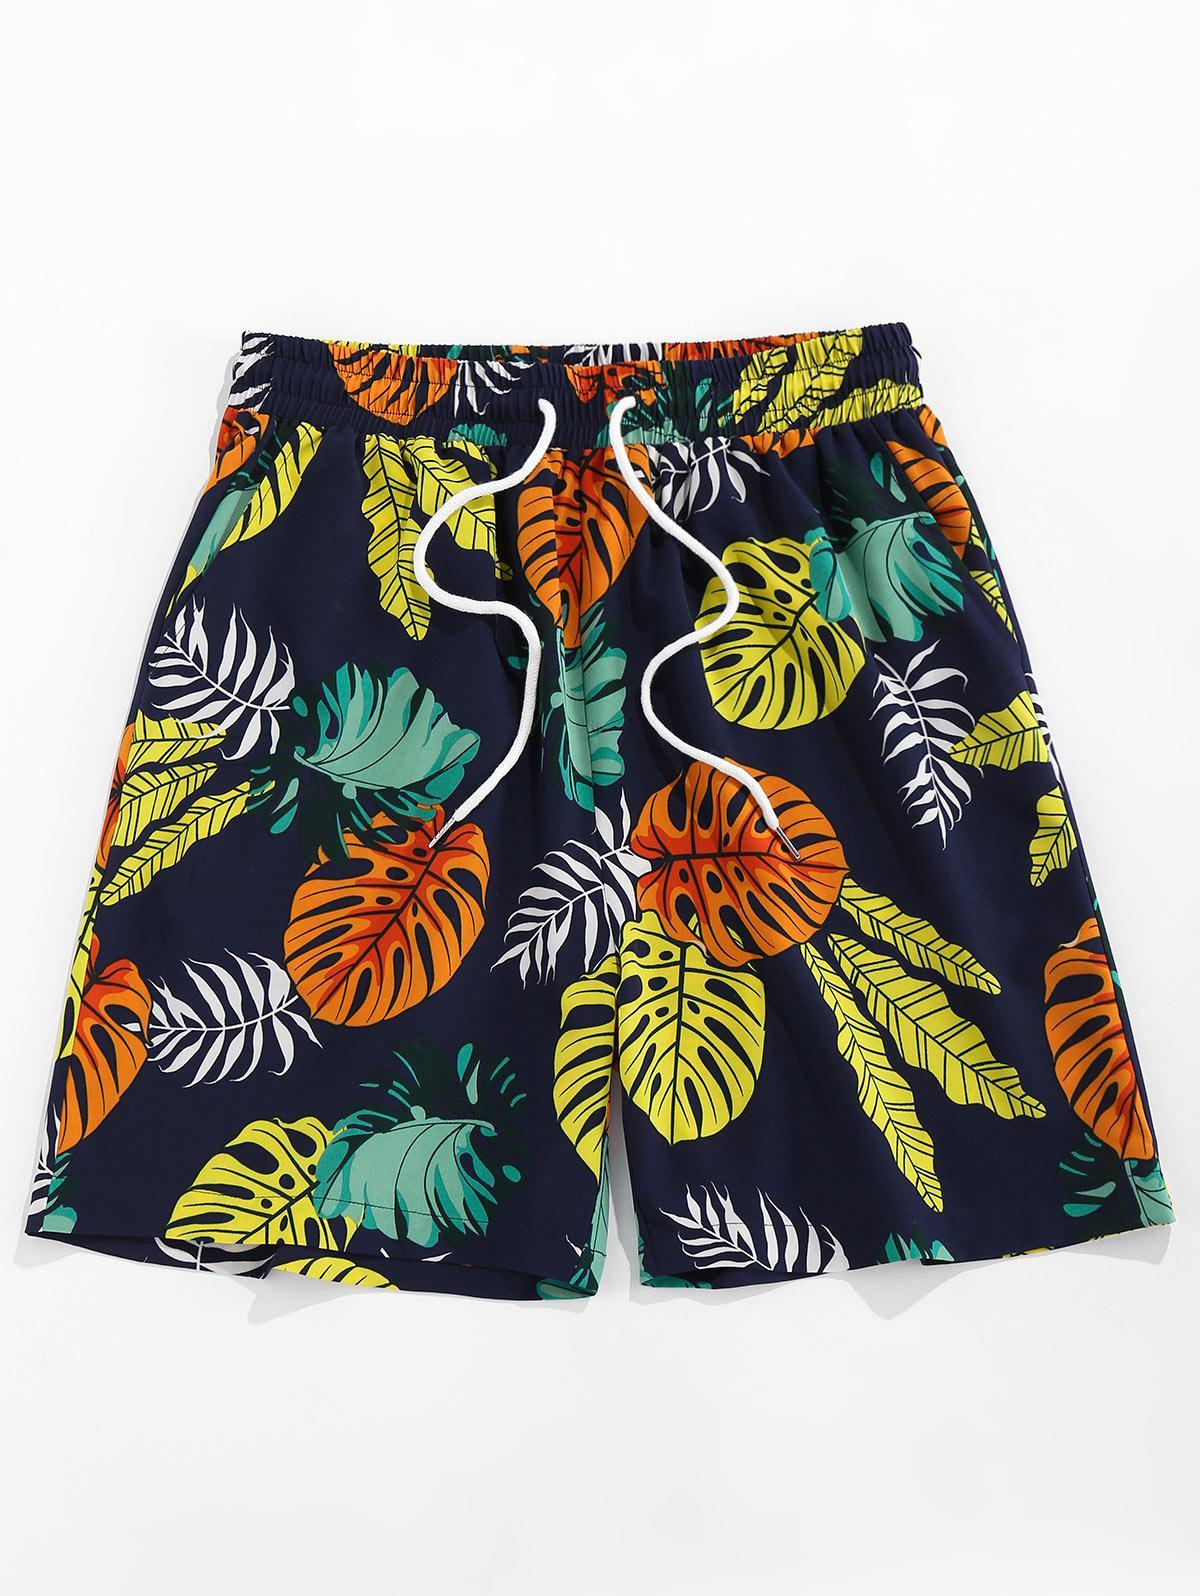 Zaful Tropical Leaves Print Shorts